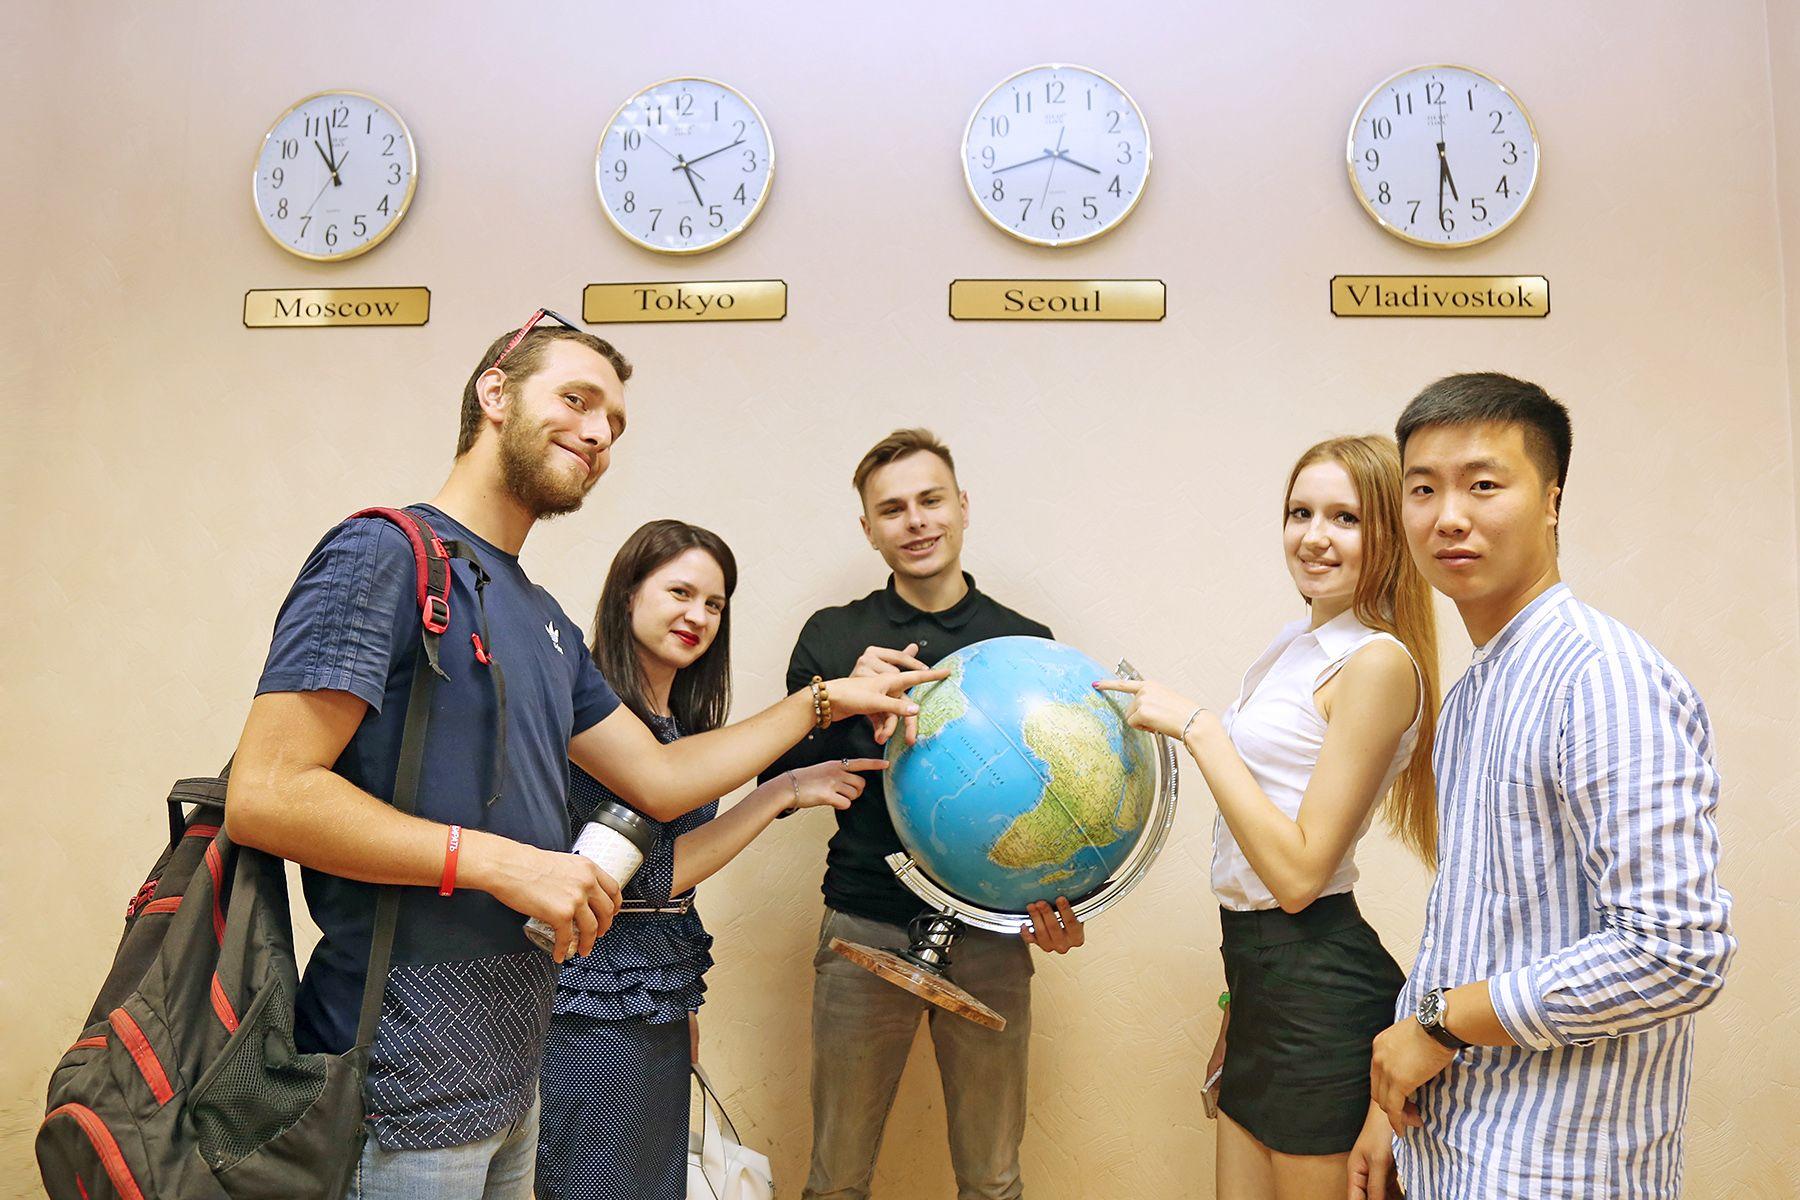 Победители Всероссийского конкурса ВКР по туризму и гостиничному делу ВГУЭС исследуют актуальные проблемы регионального развития